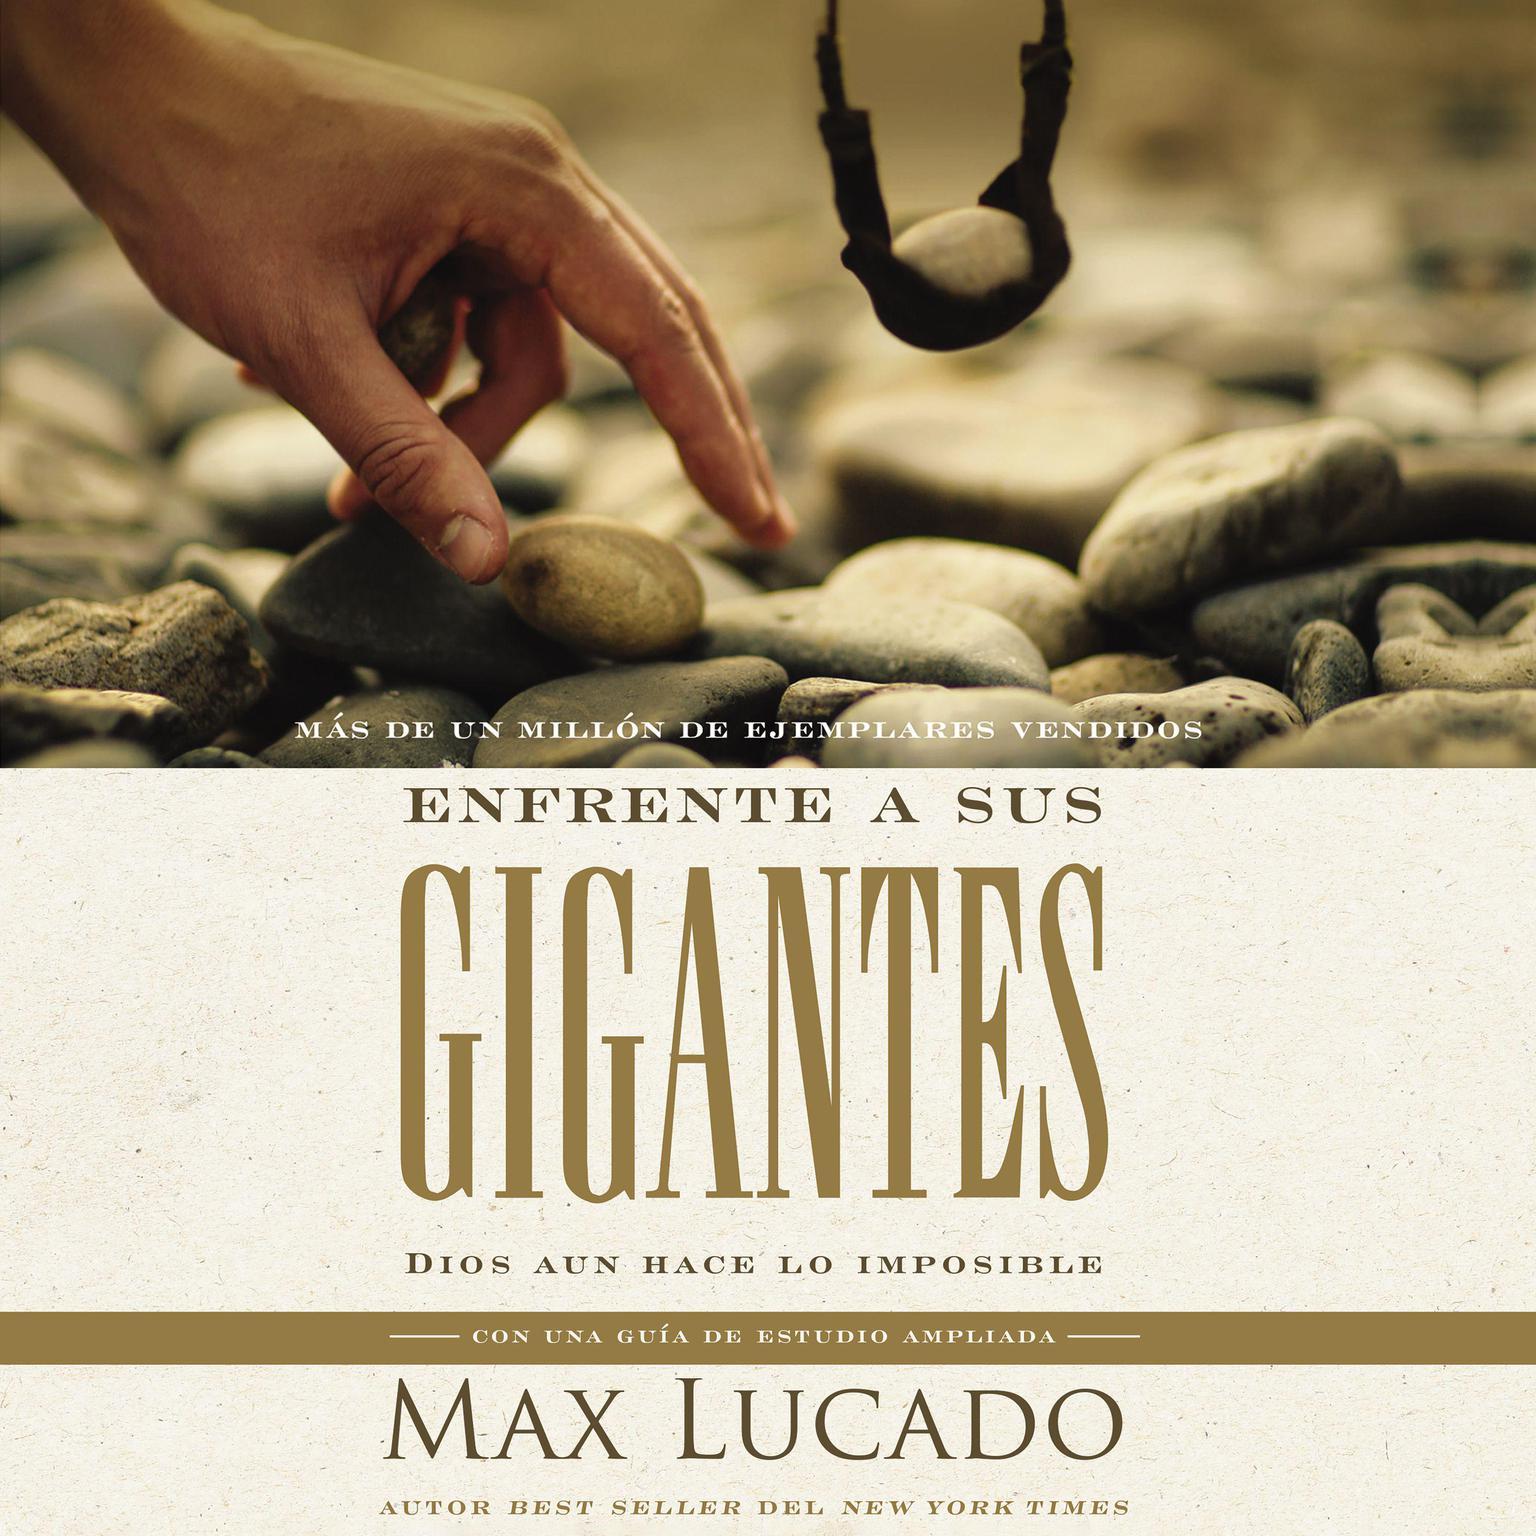 Enfrente a sus gigantes: Dios aún hace lo imposible Audiobook, by Max Lucado